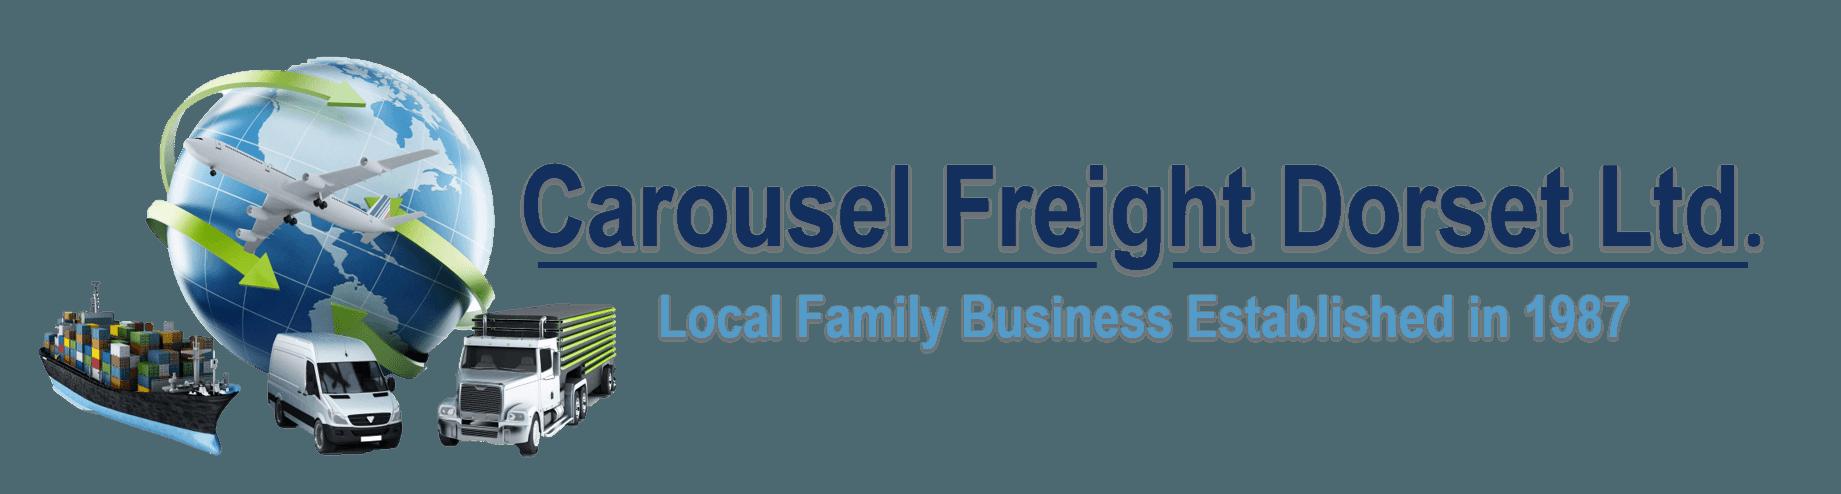 Carousel Freight (Dorset) Ltd logo